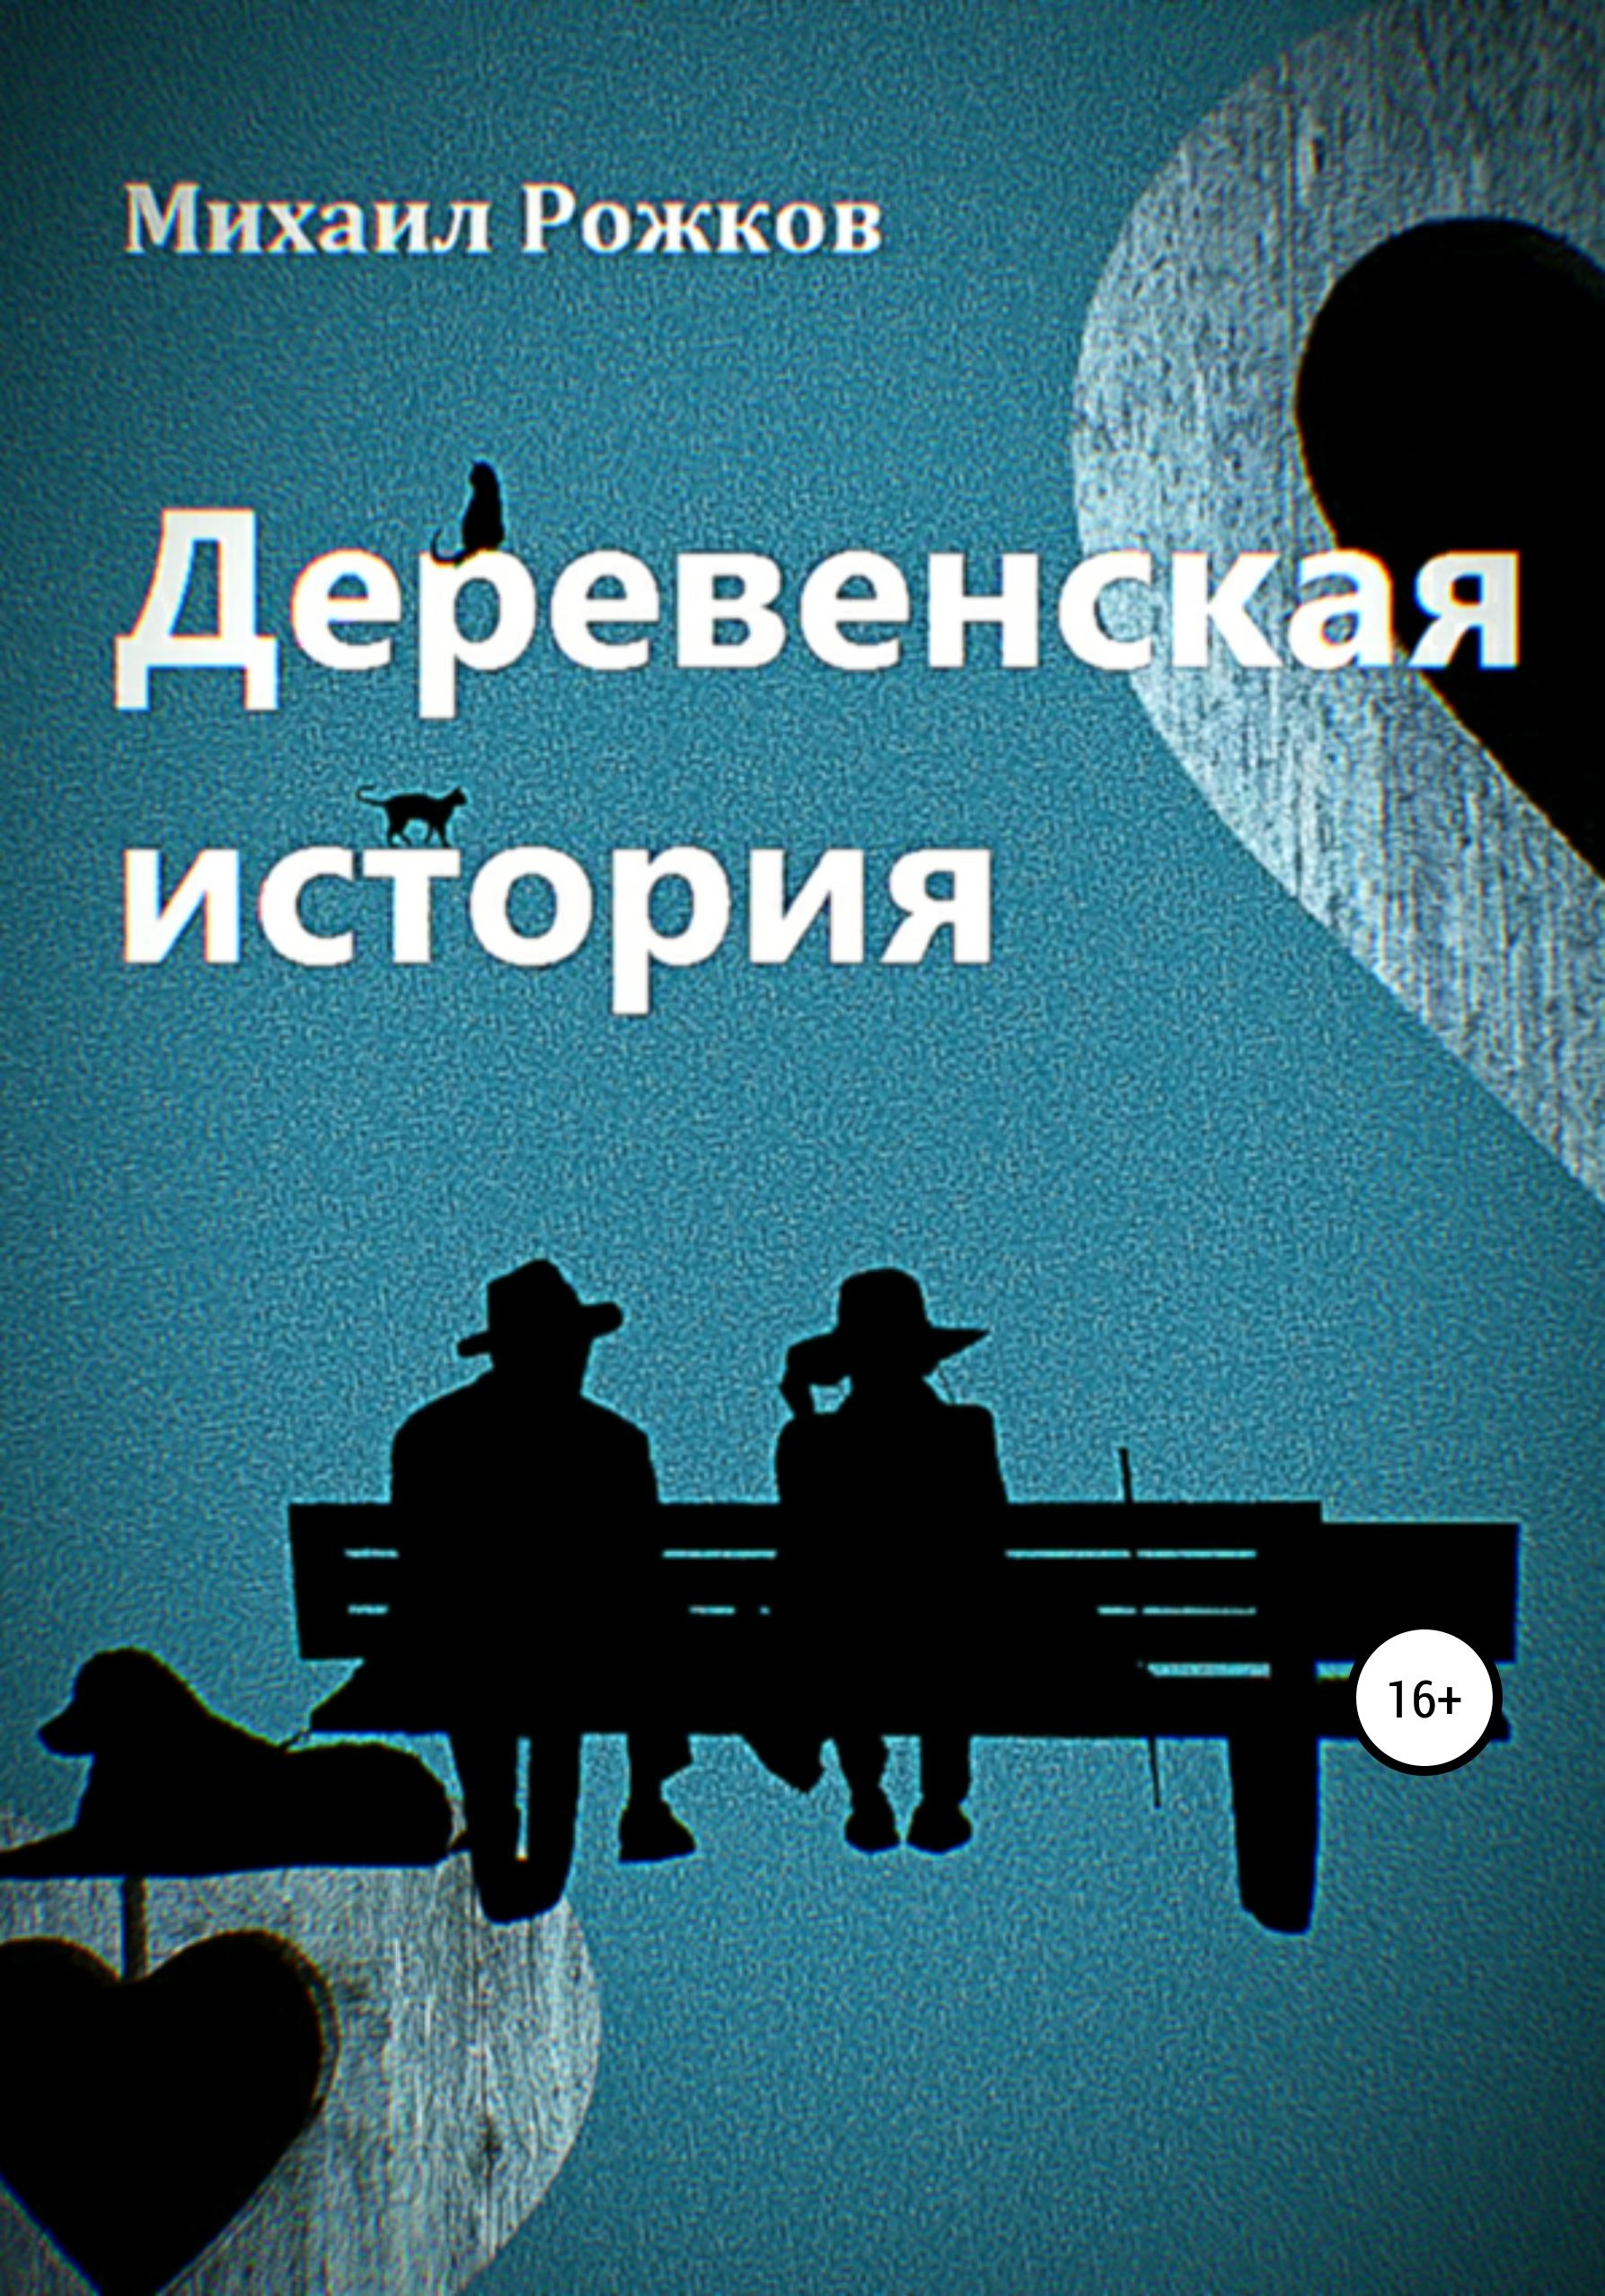 Купить книгу Деревенская история, автора Михаила Павловича Рожкова